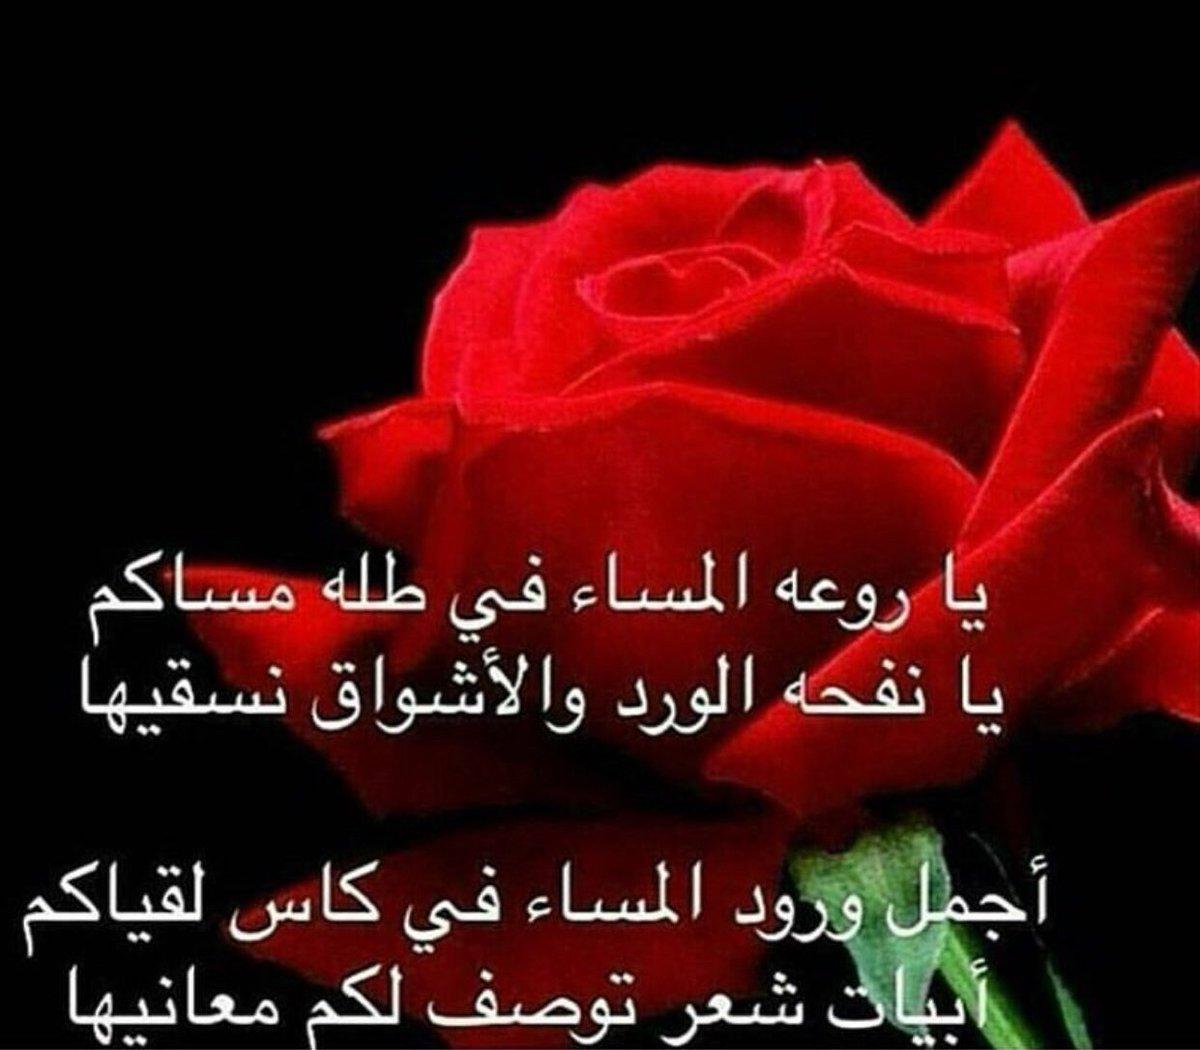 بالصور شعر عن الورد , اجمل كلام يقال عن الورد 6109 4